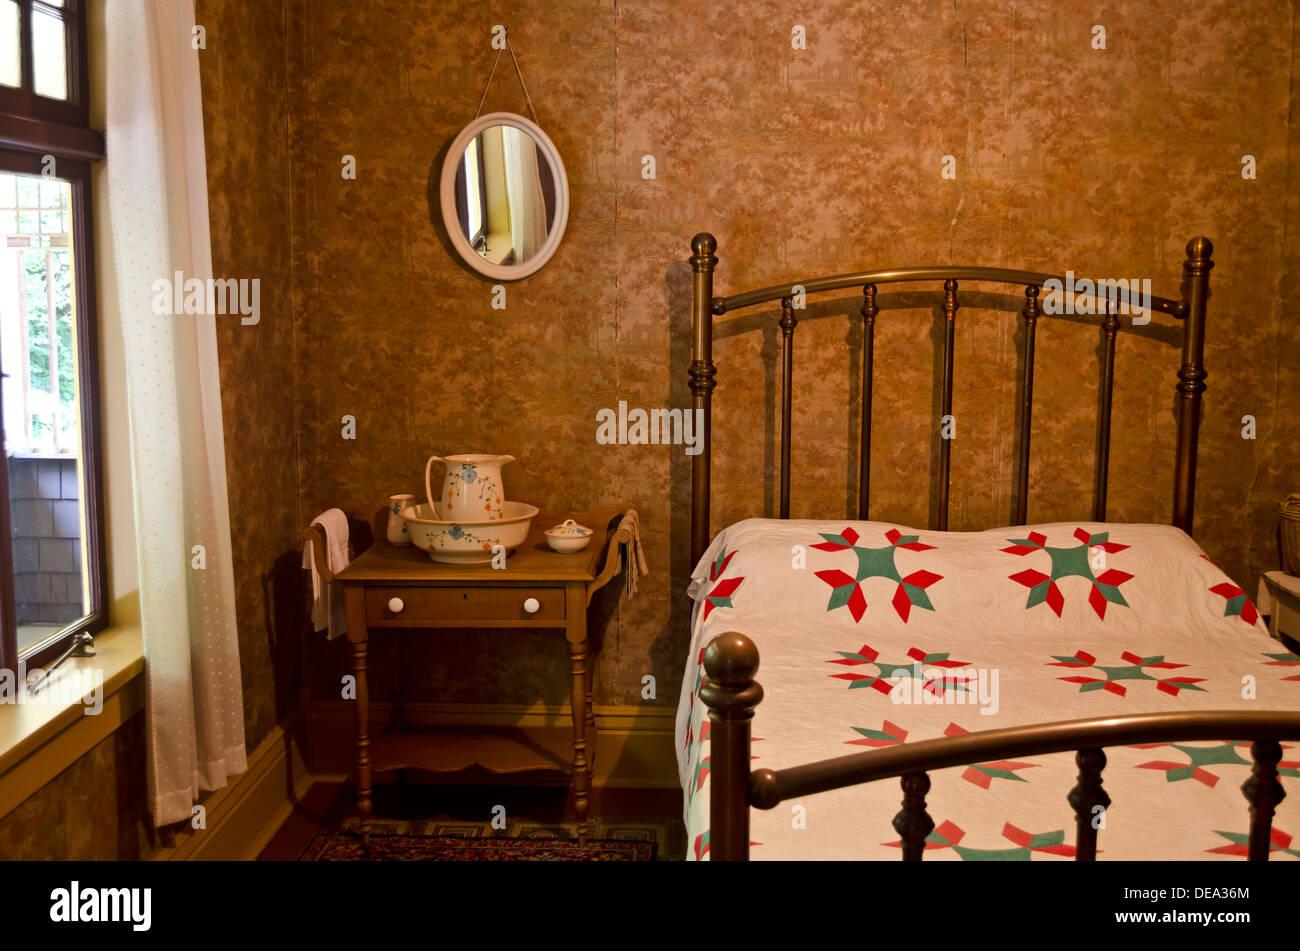 Letti In Ferro Vintage : Vintage vecchia impostazione di camera da letto con letto in ferro